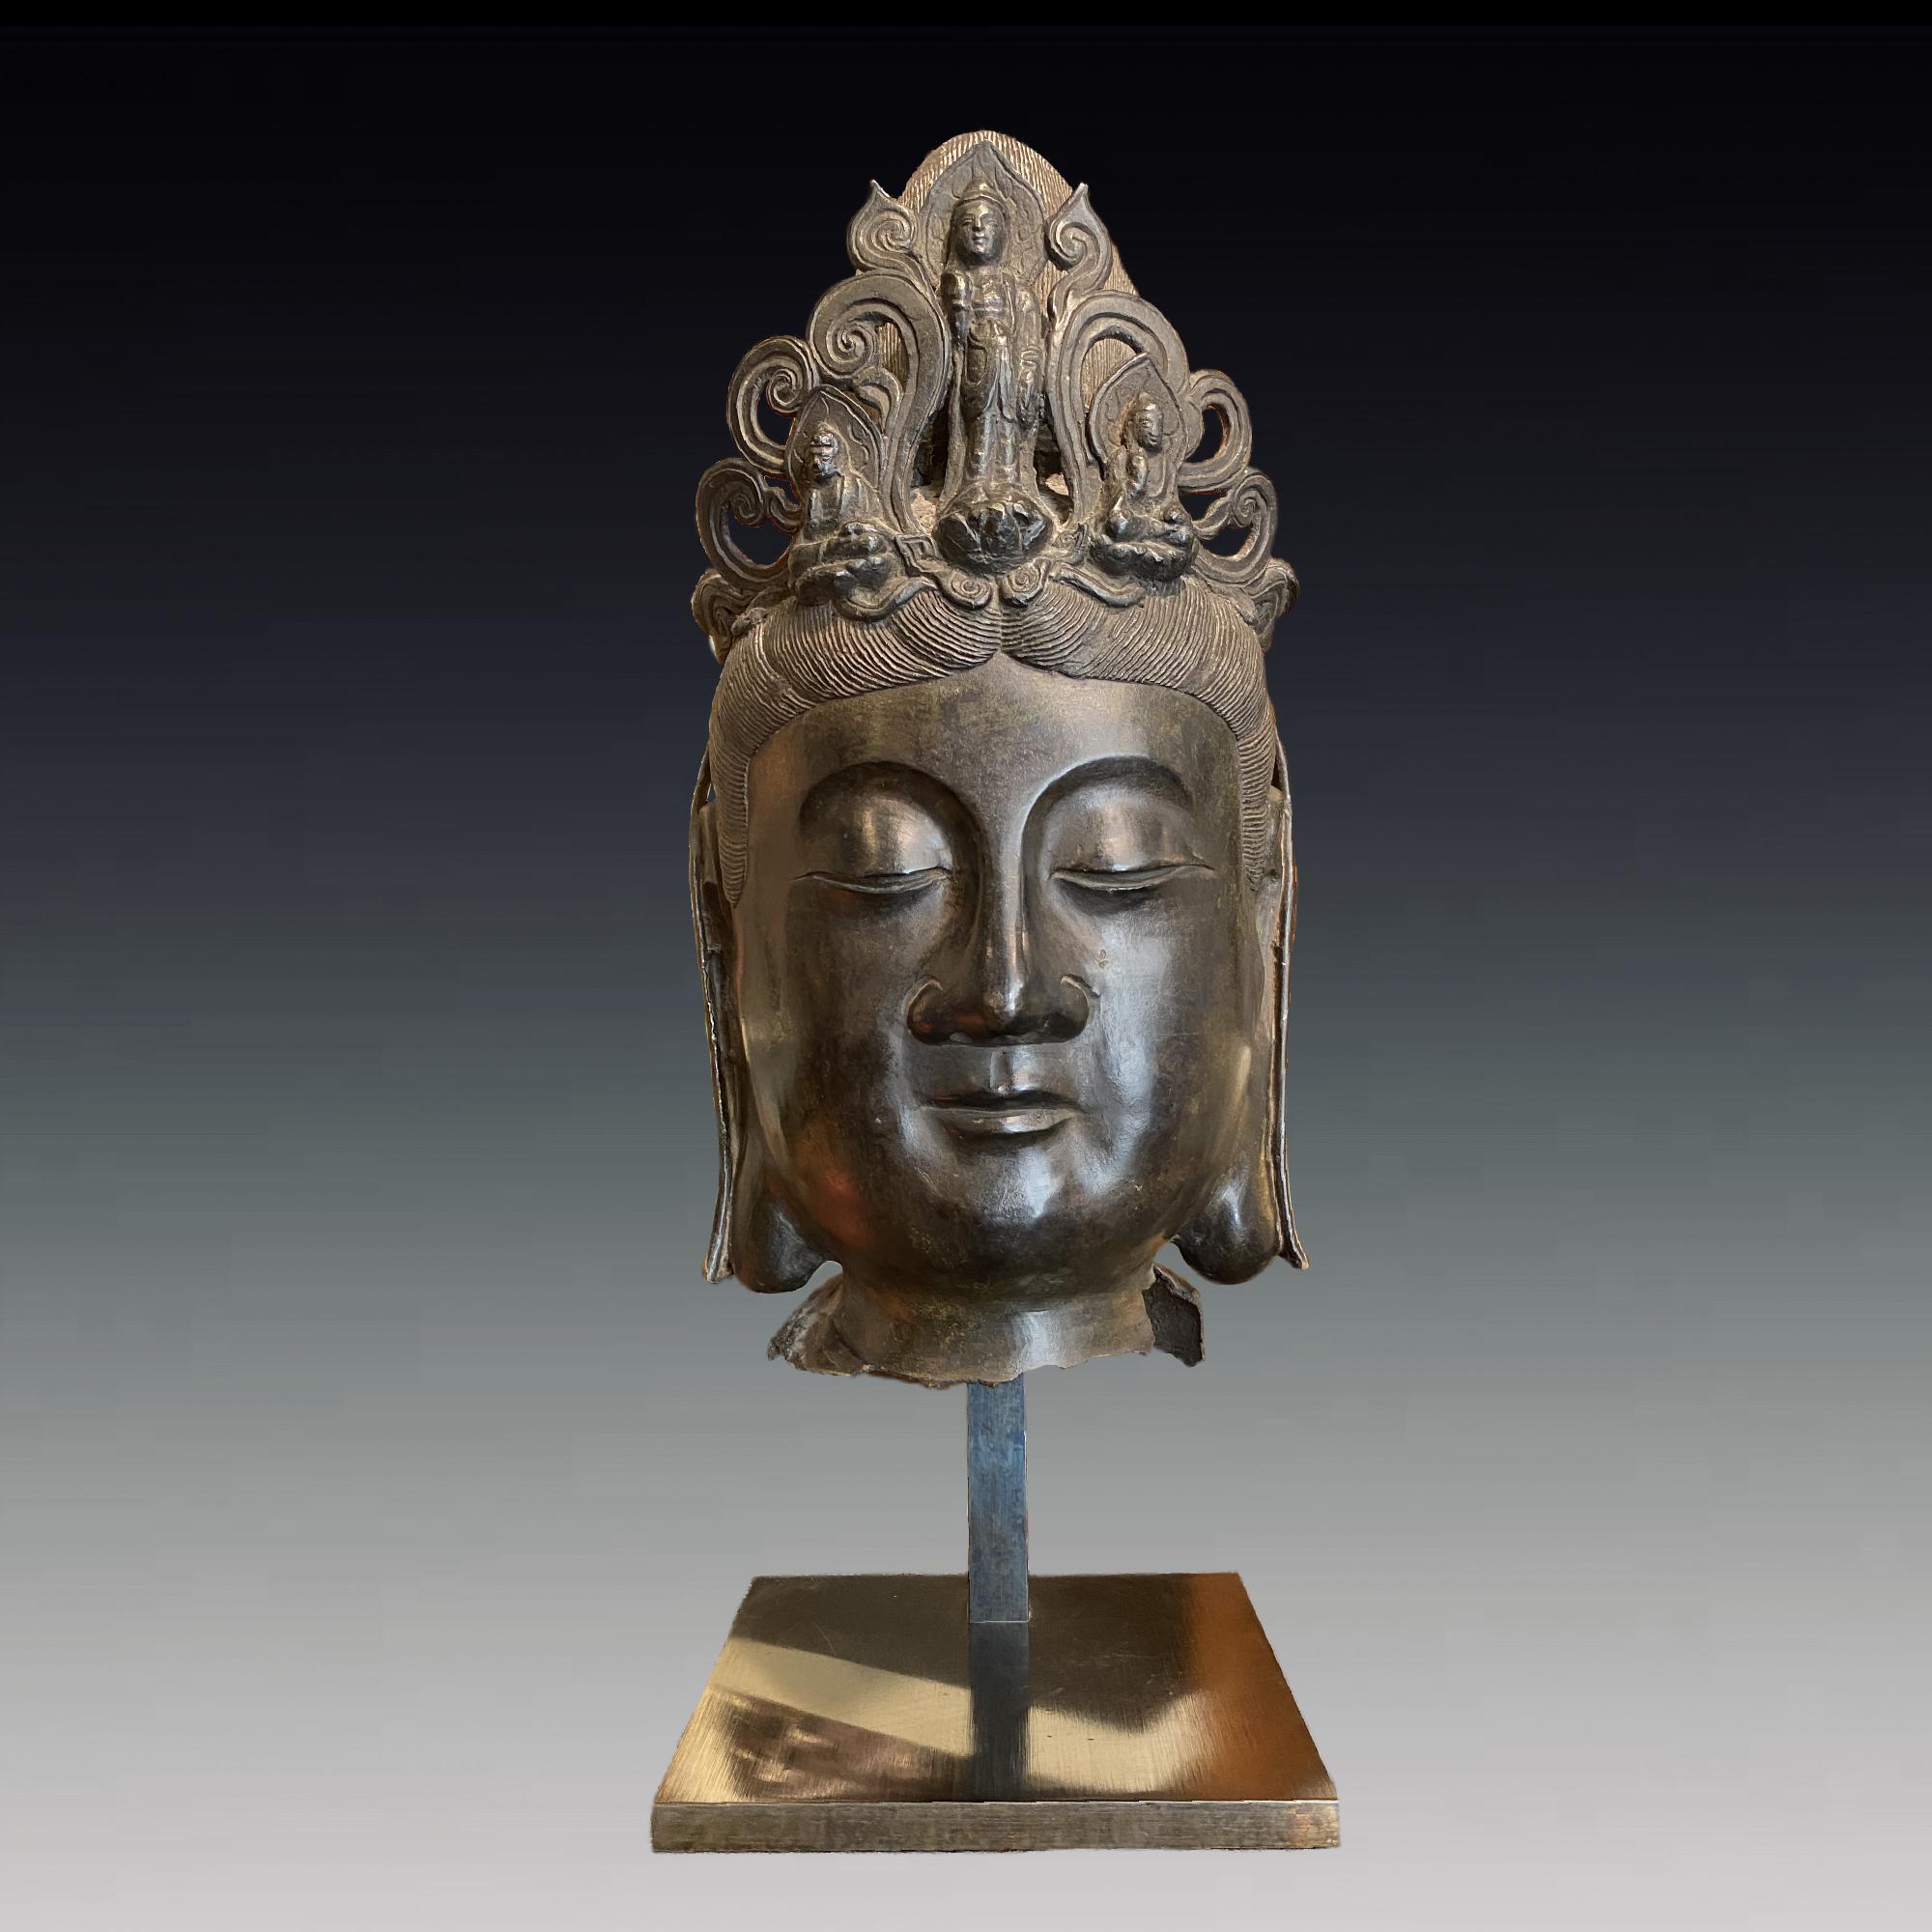 Chine, grande tête de Bodhisattva en bronze, 19ème siècle